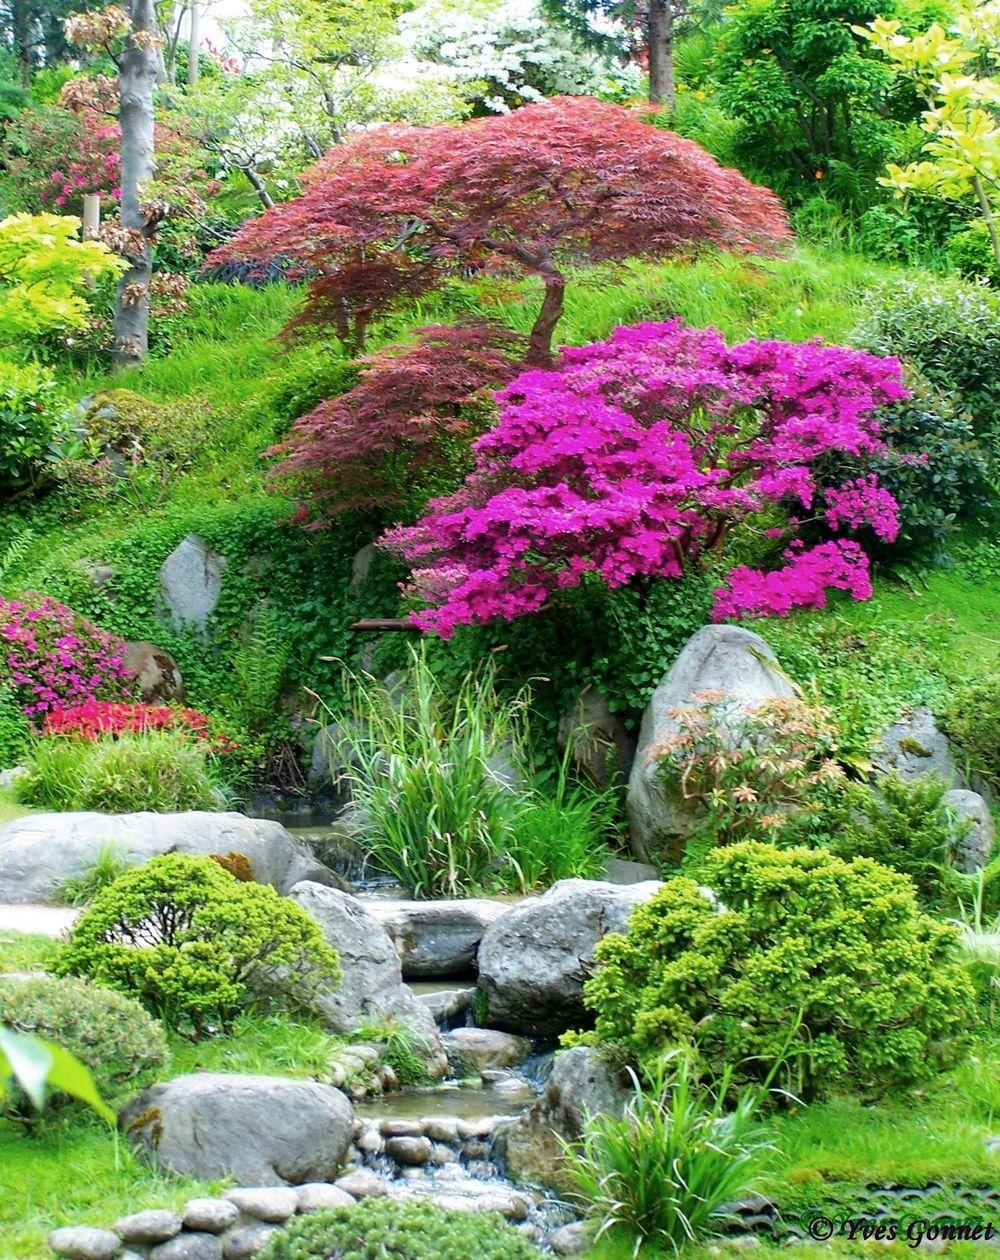 Albert Kahn Musee Et Jardins Boulogne Billancourt Ile De France Chinesischer Garten Kleiner Japanischer Garten Japanischer Garten